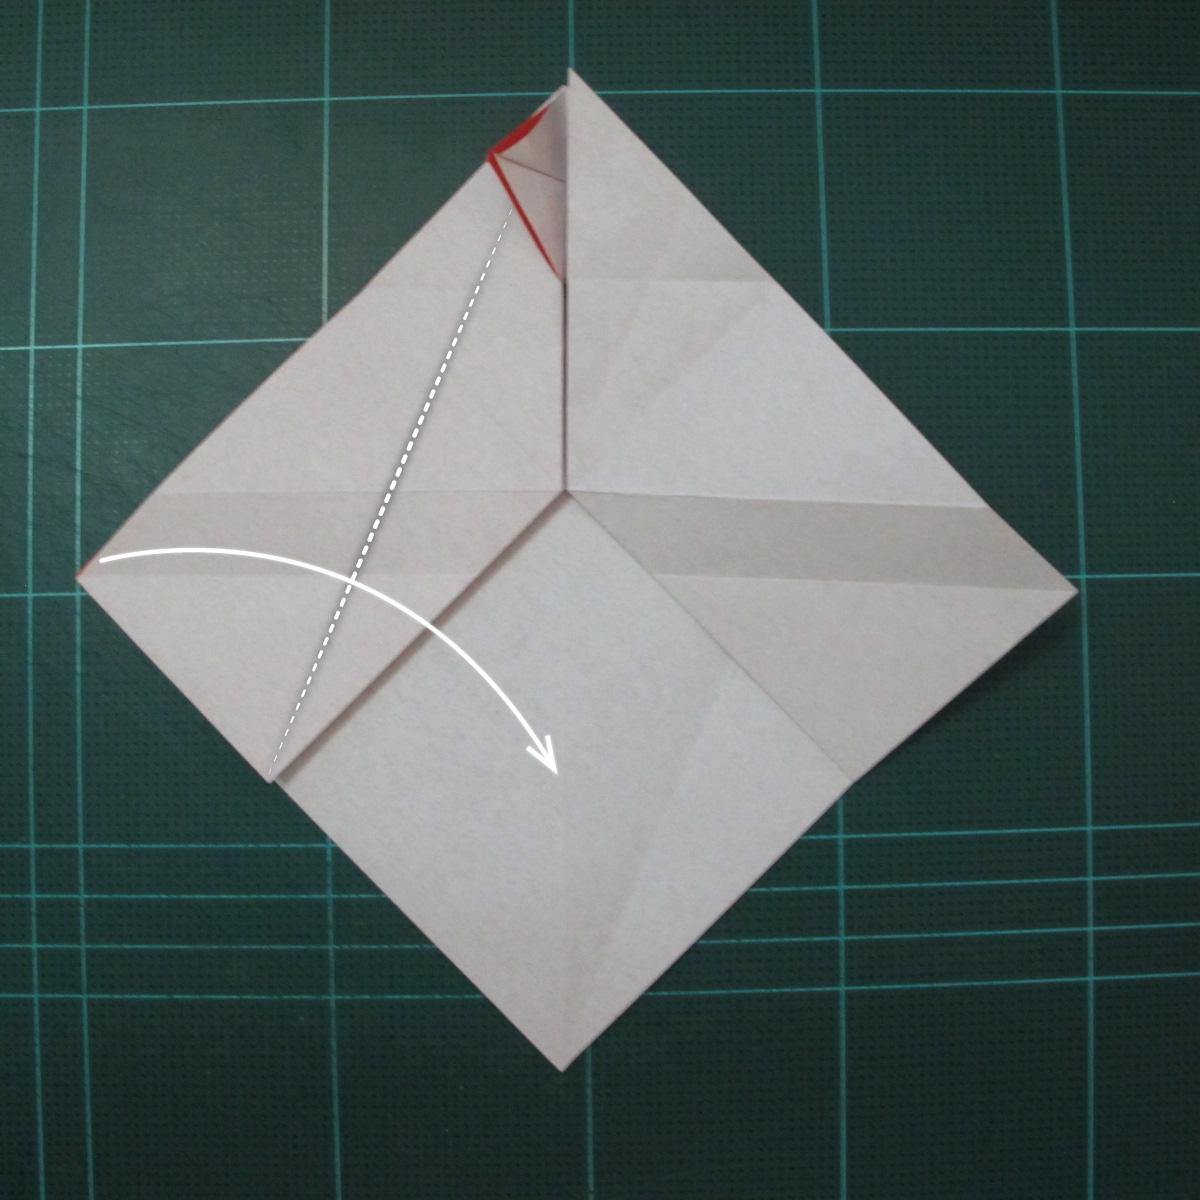 การพับกระดาษเป็นรูปสัตว์ประหลาดก็อตซิล่า (Origami Gozzila) 020